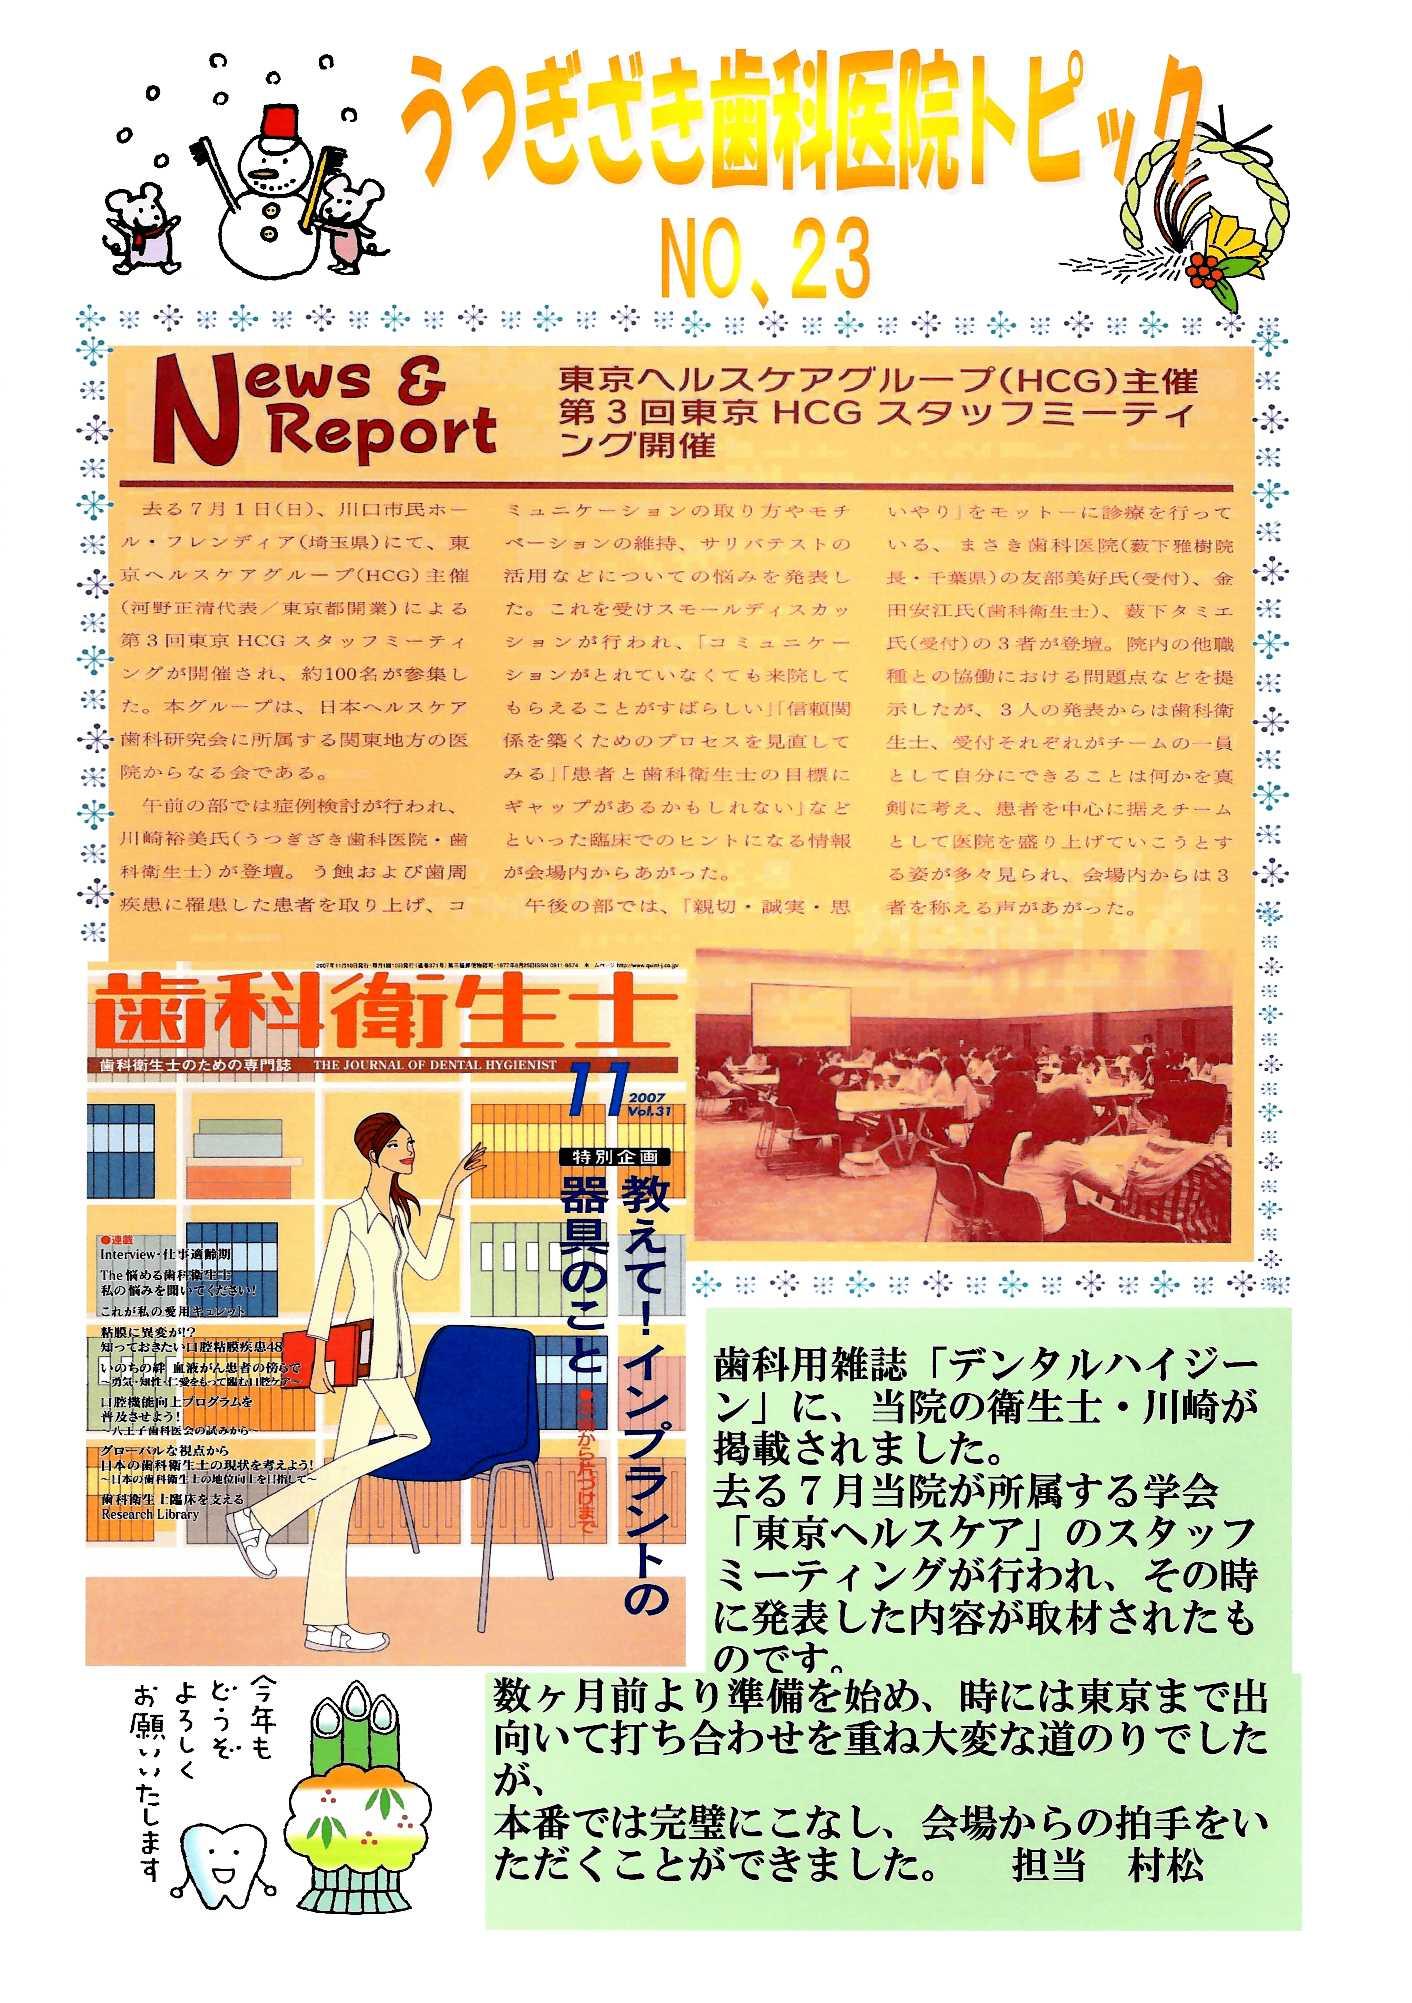 うつぎざき歯科医院トピックス NO.23